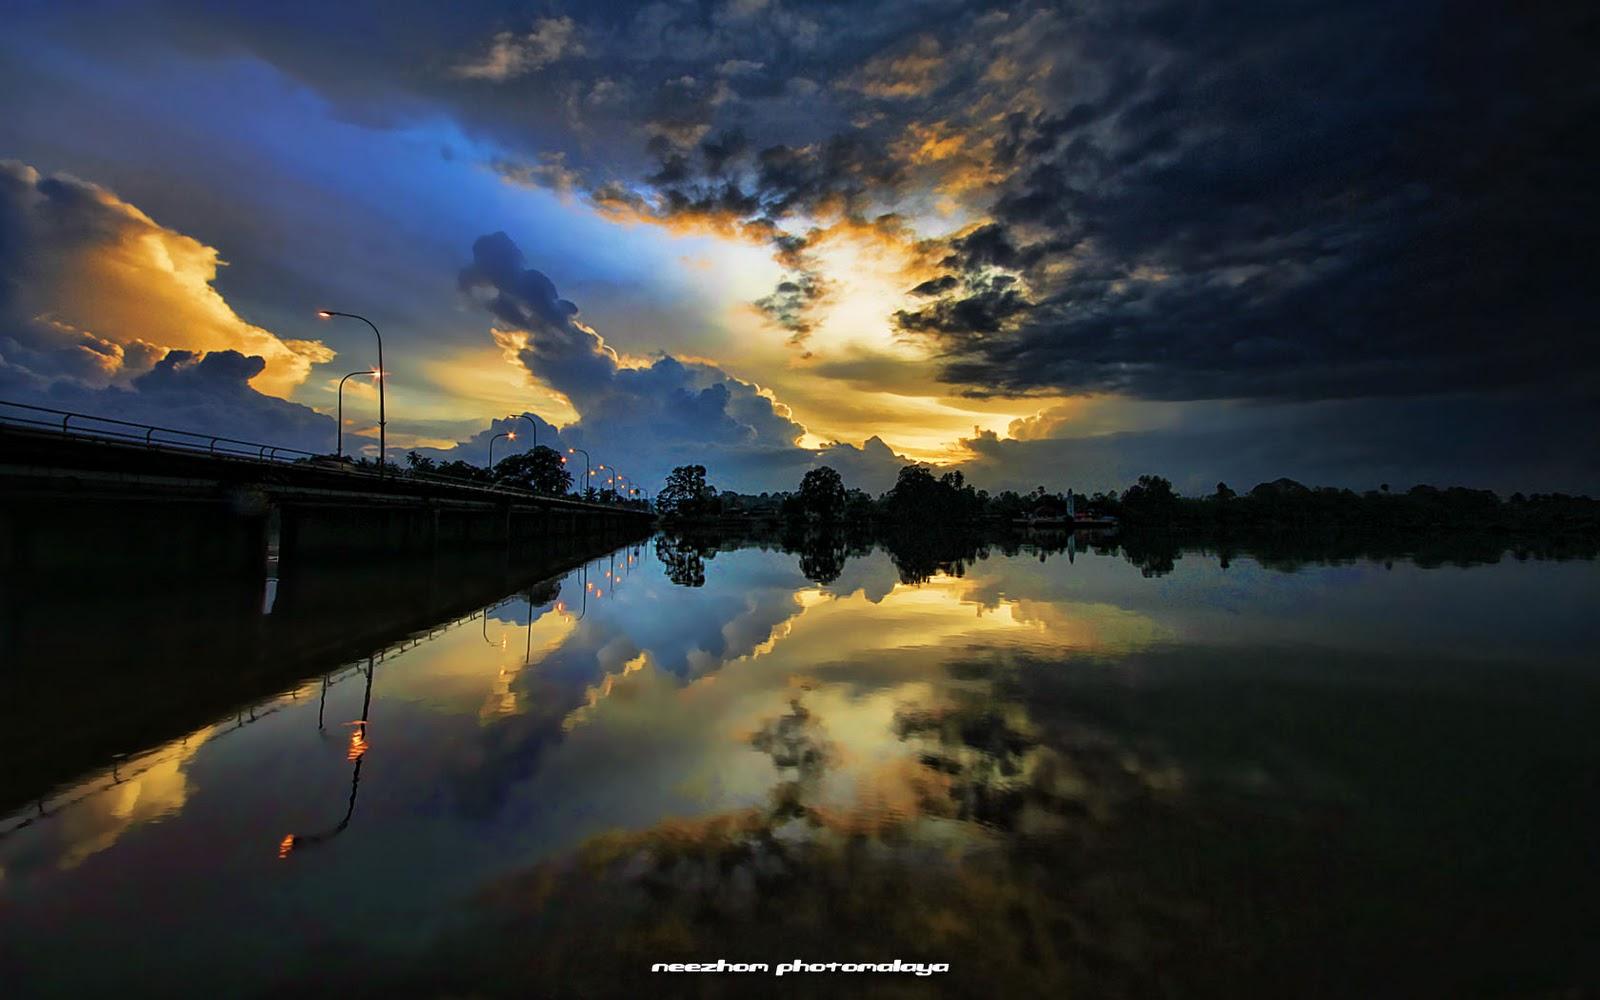 Manir river photo